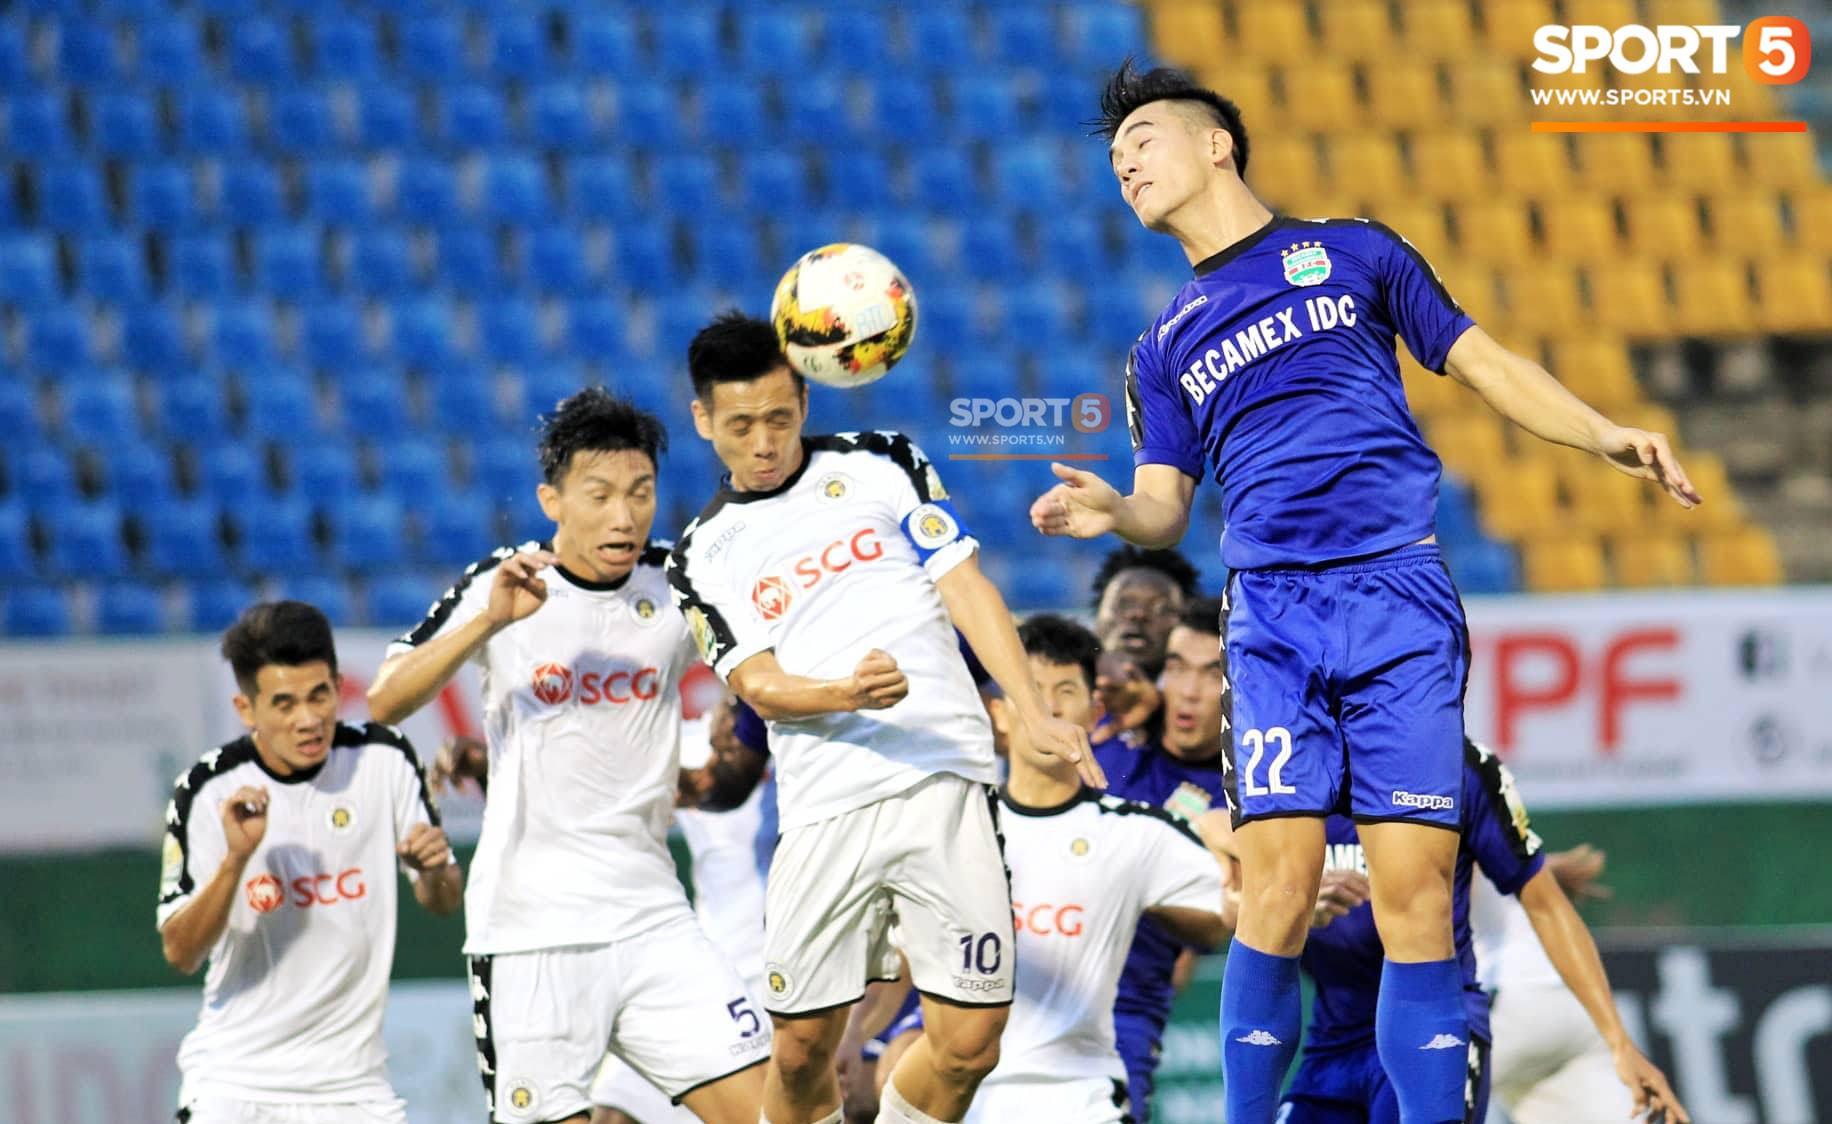 Bình Dương 0-0 CLB Hà Nội: Quang Hải và đồng đội vỡ mộng giành cú đúp - Ảnh 1.